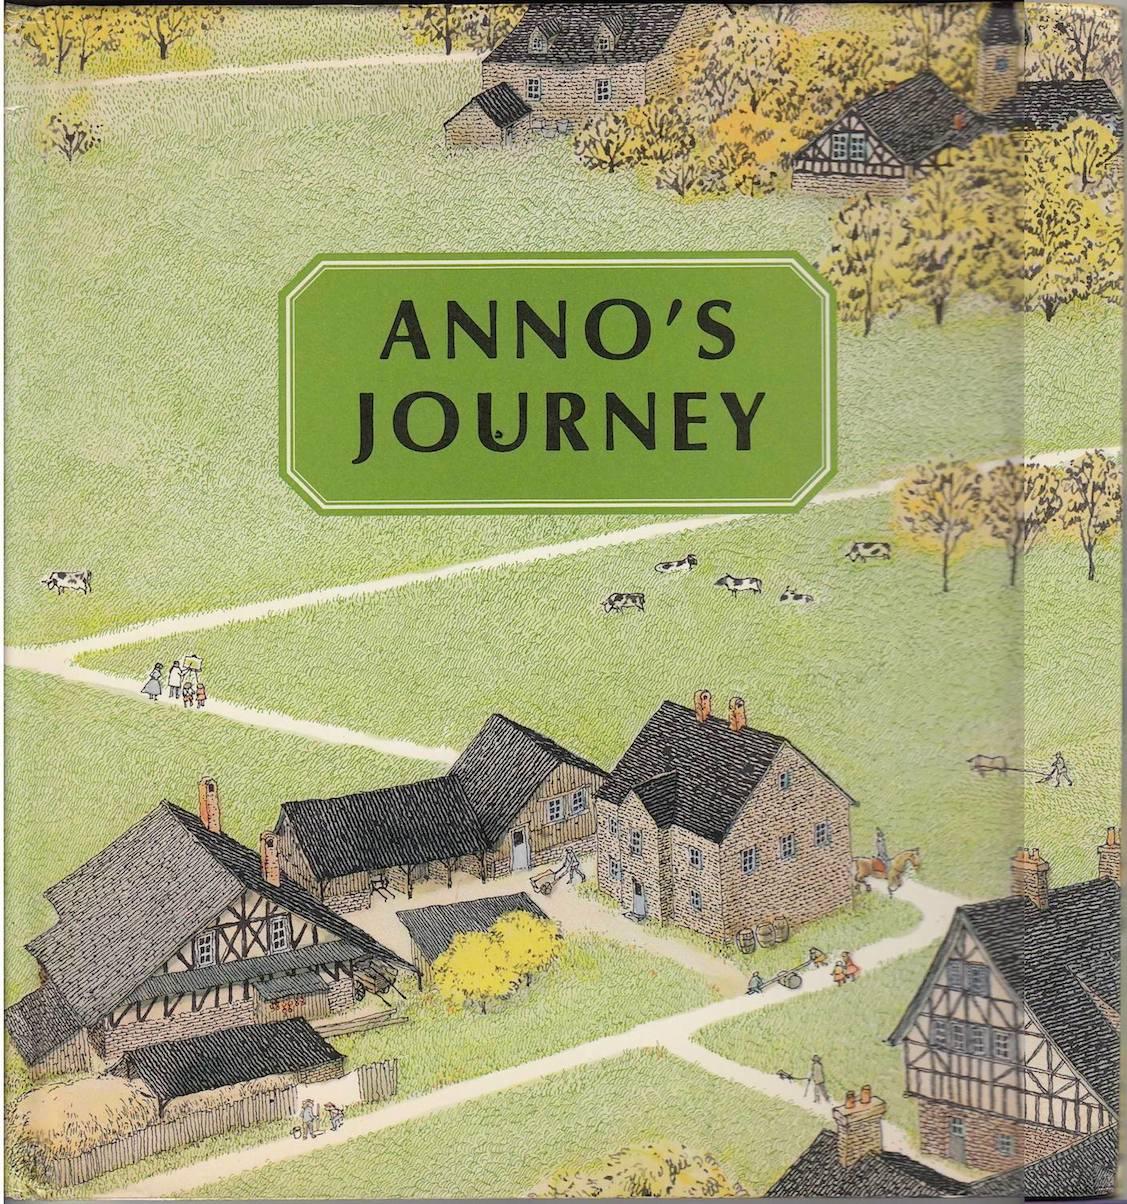 21130 Anno'sJourney stitchscan.jpg